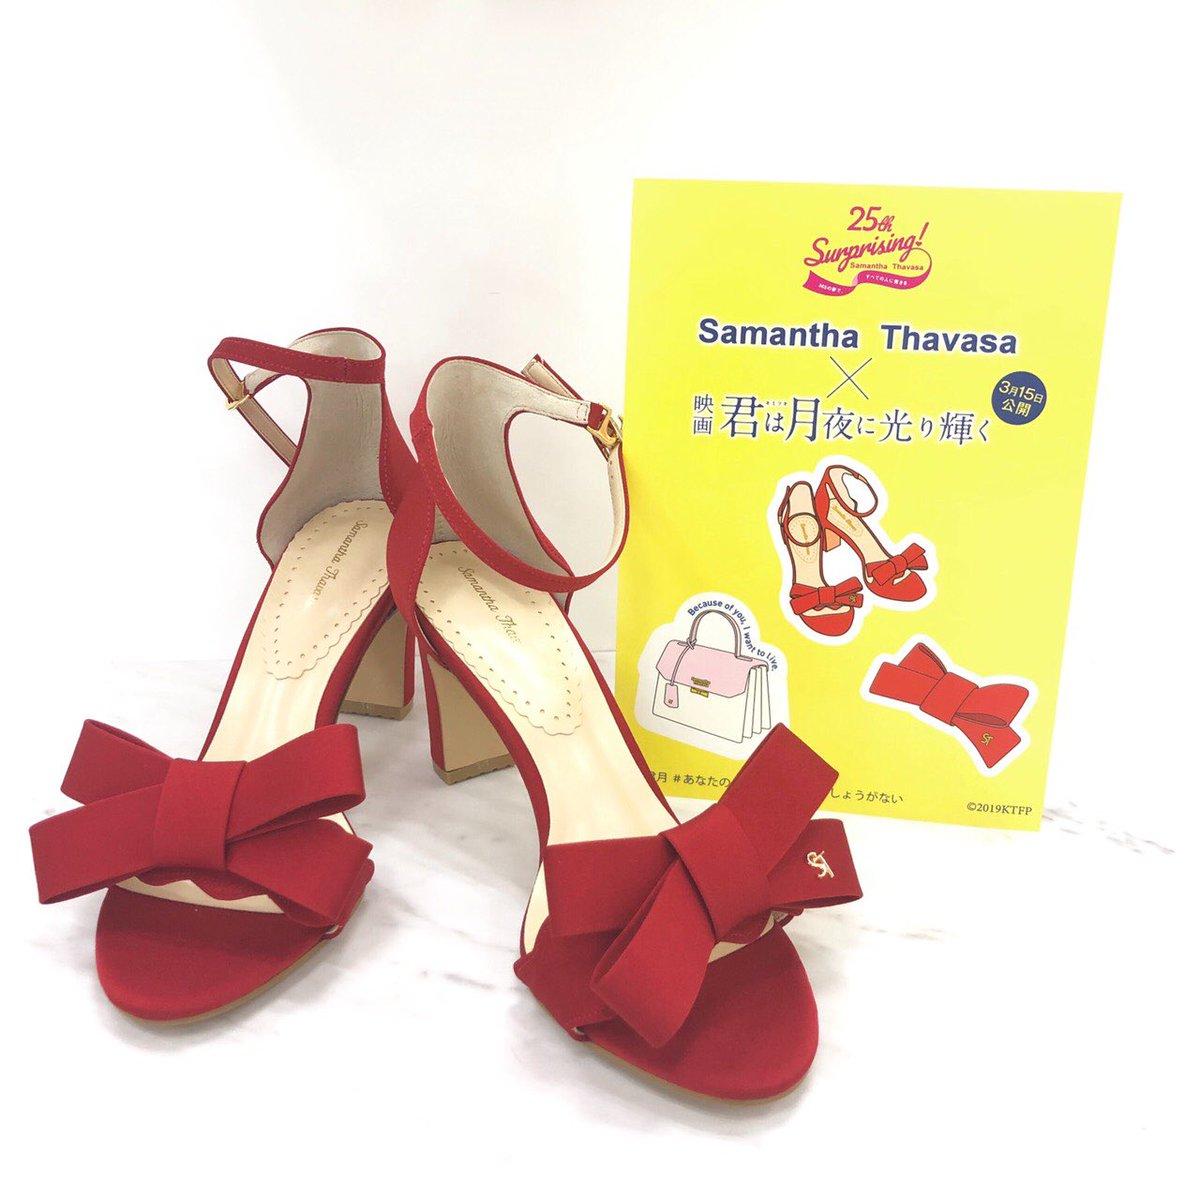 君月の赤い靴はサマンサタバサ